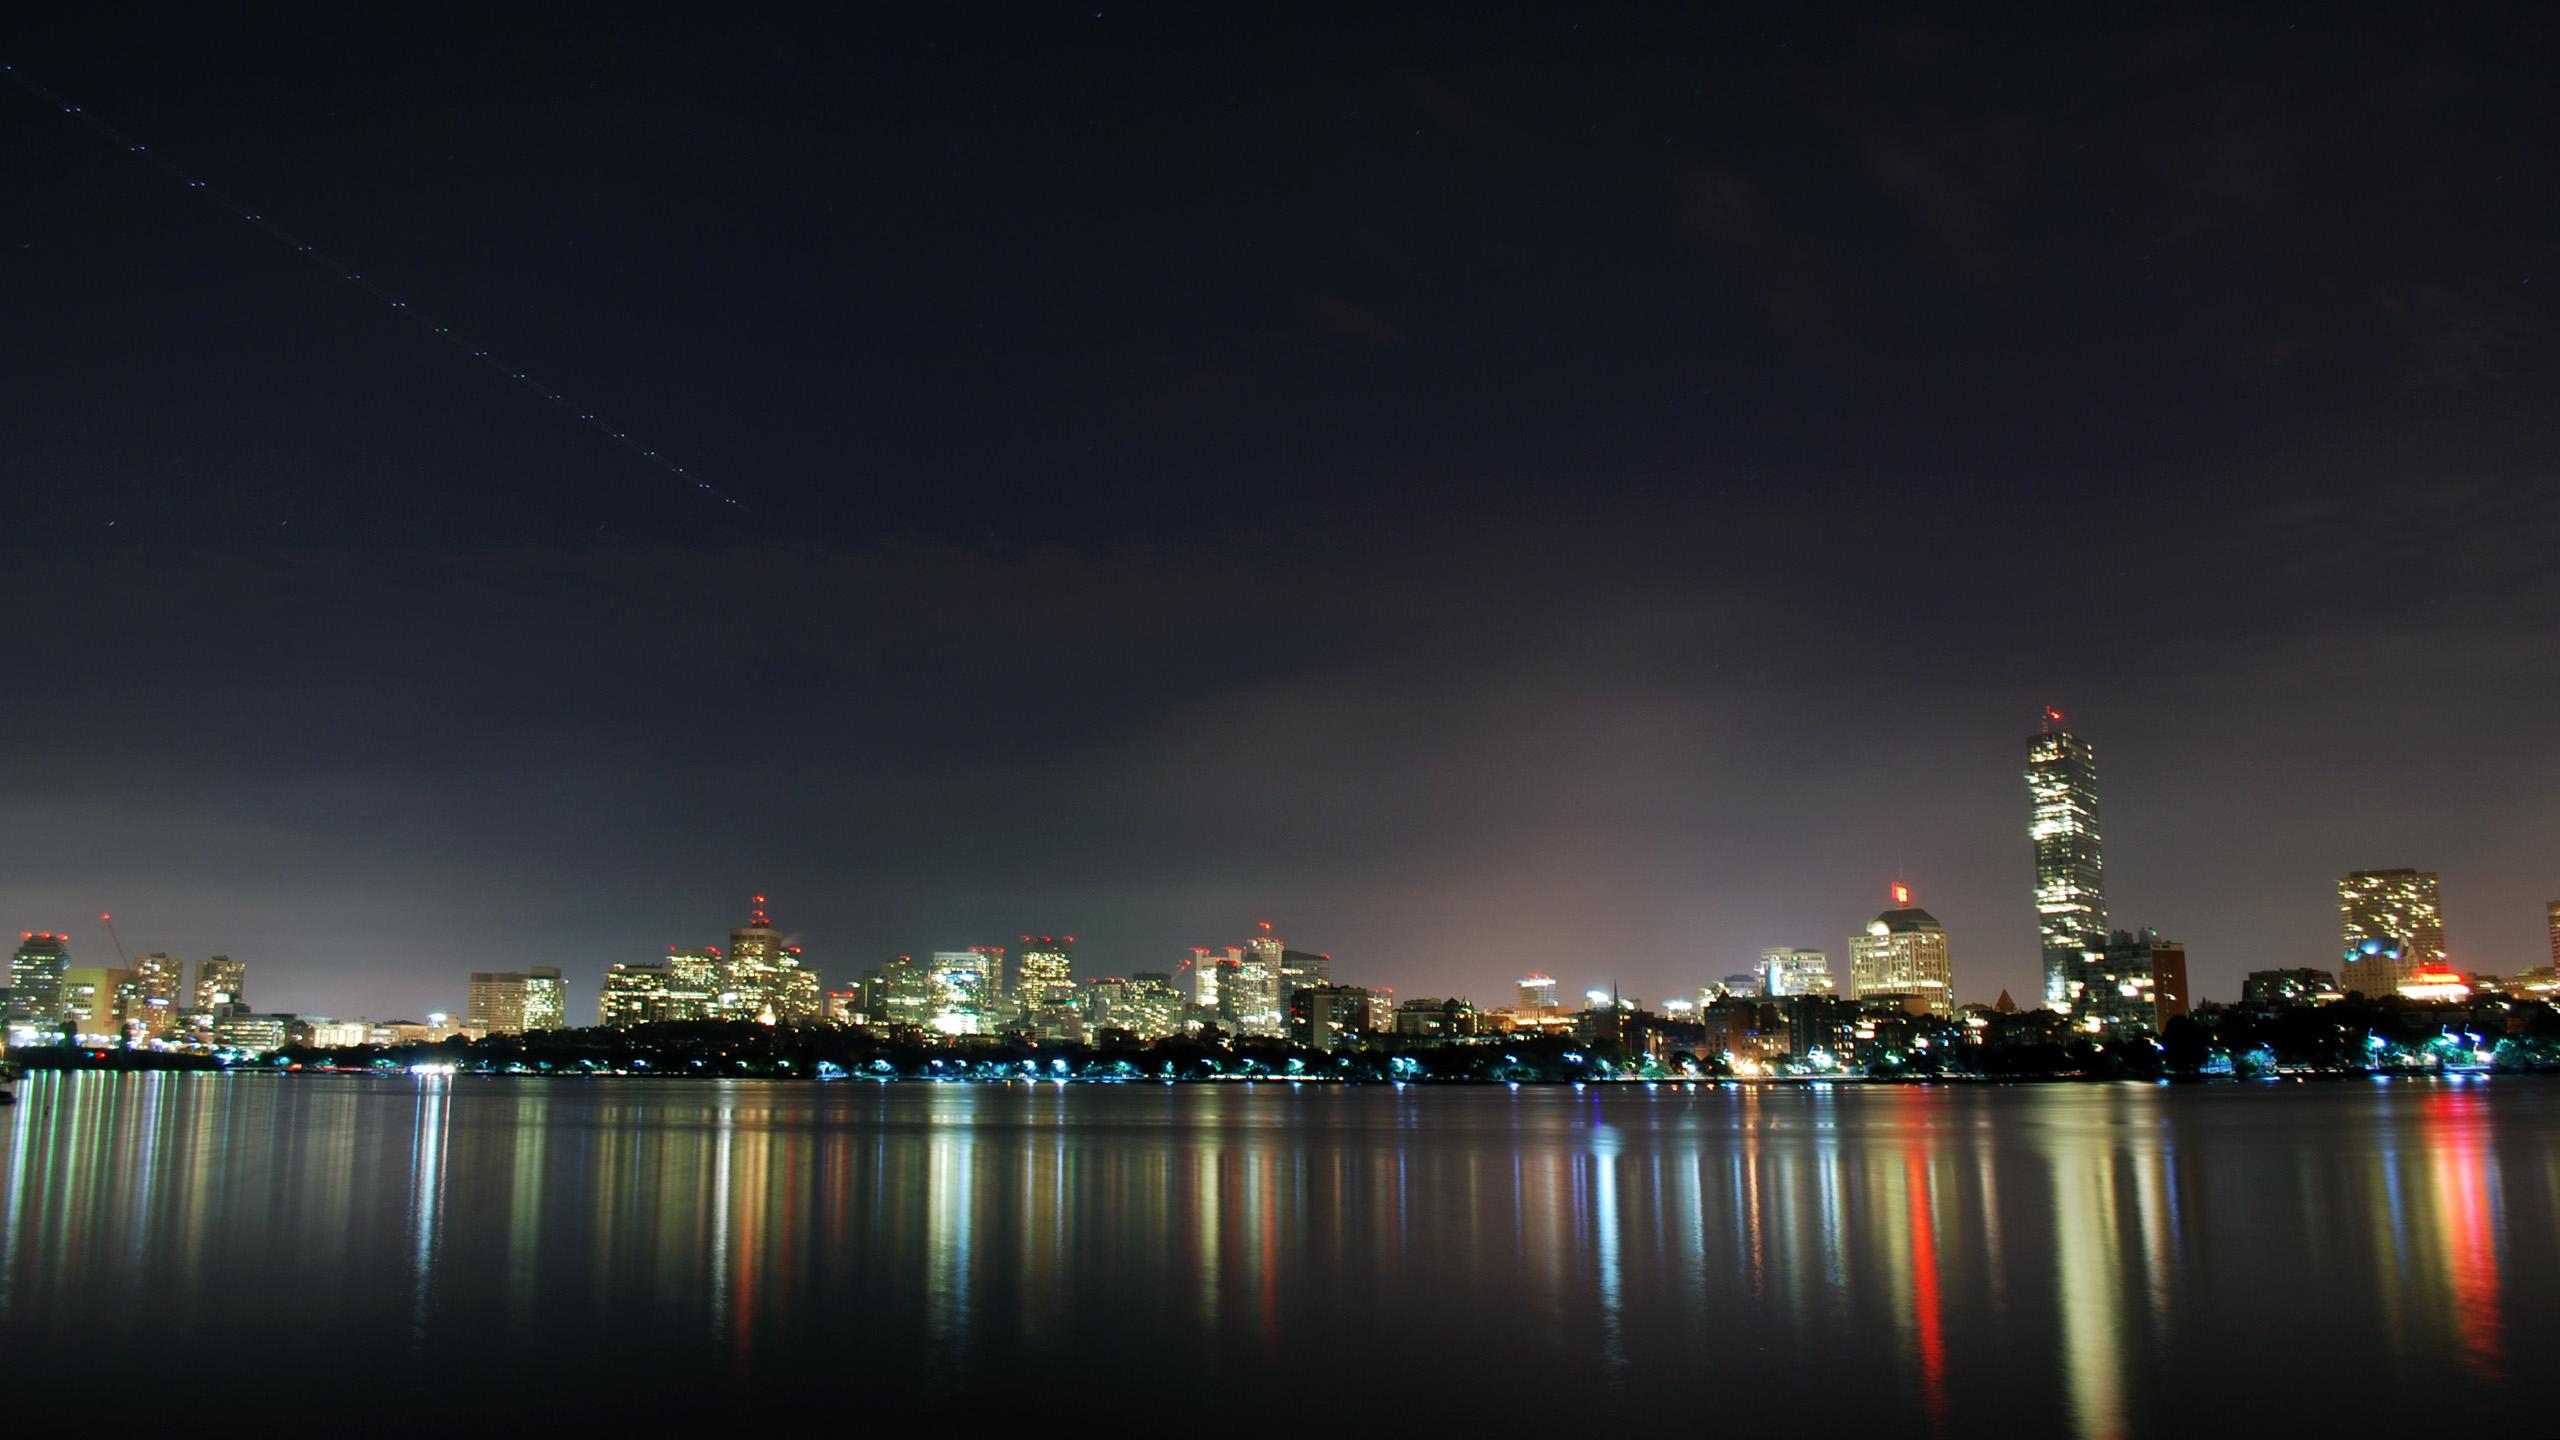 boston wallpaper 8586 2560x1440 px